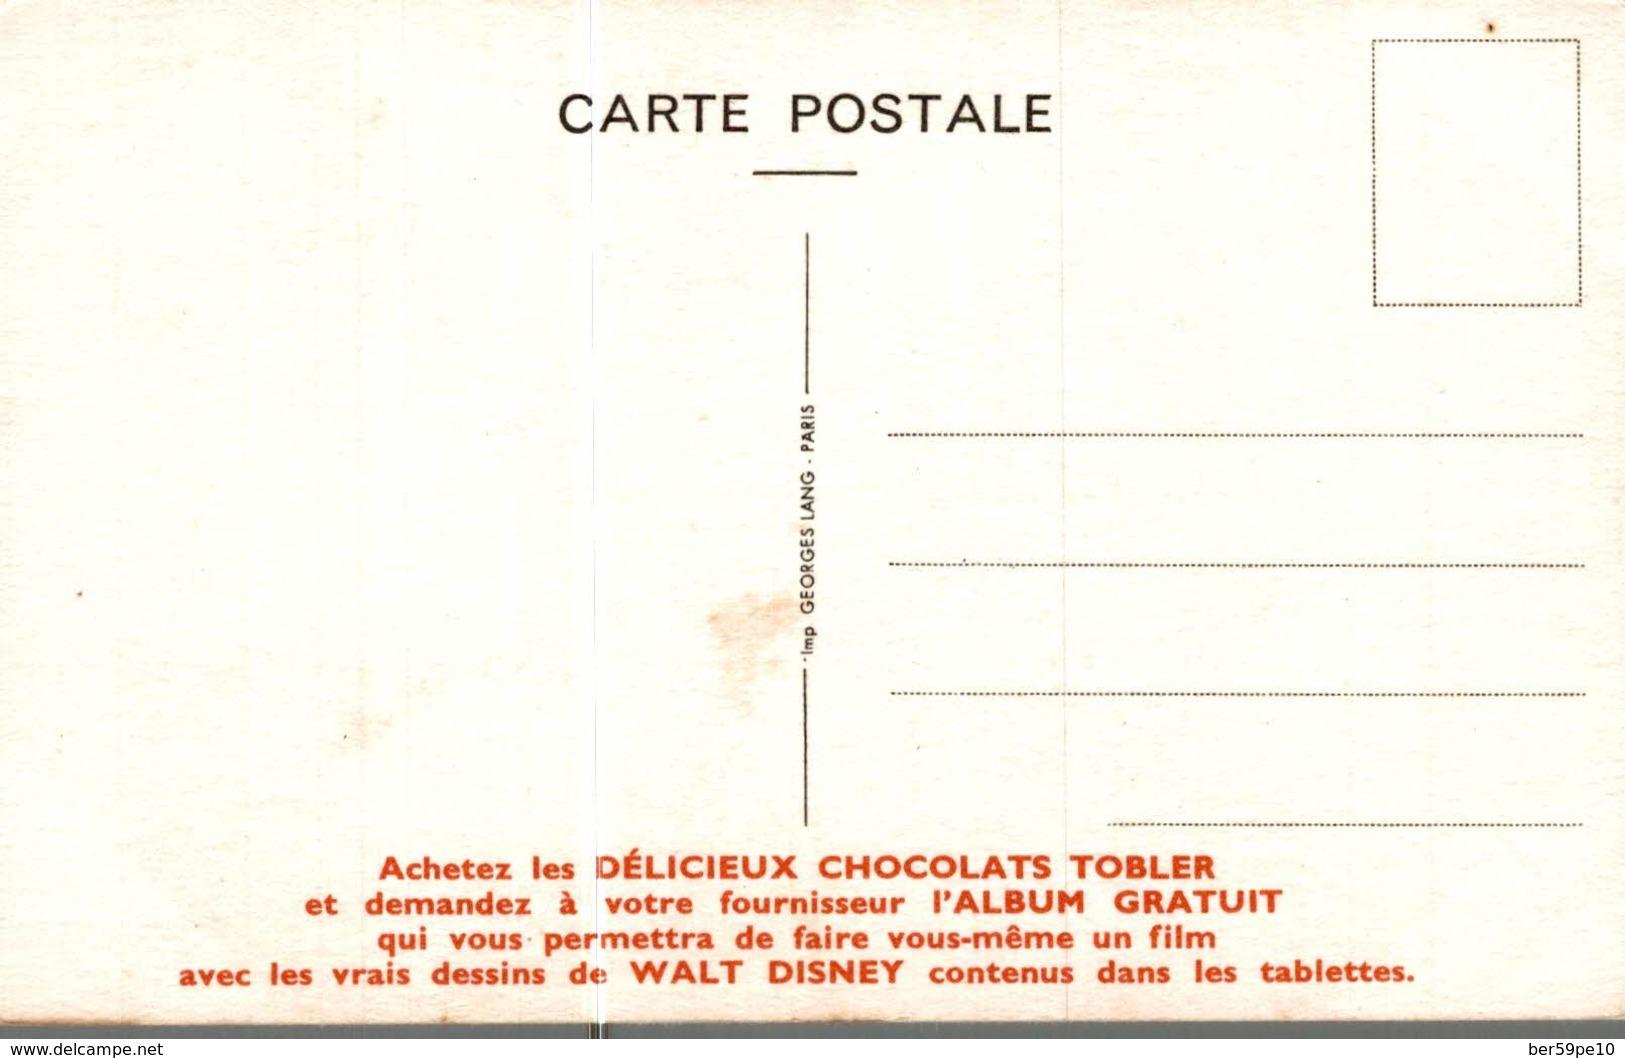 CARTE POSTALE PUBLICITAIRE CHOCOLATS TOBLER WALT-DISNEY  DAISY - Autres